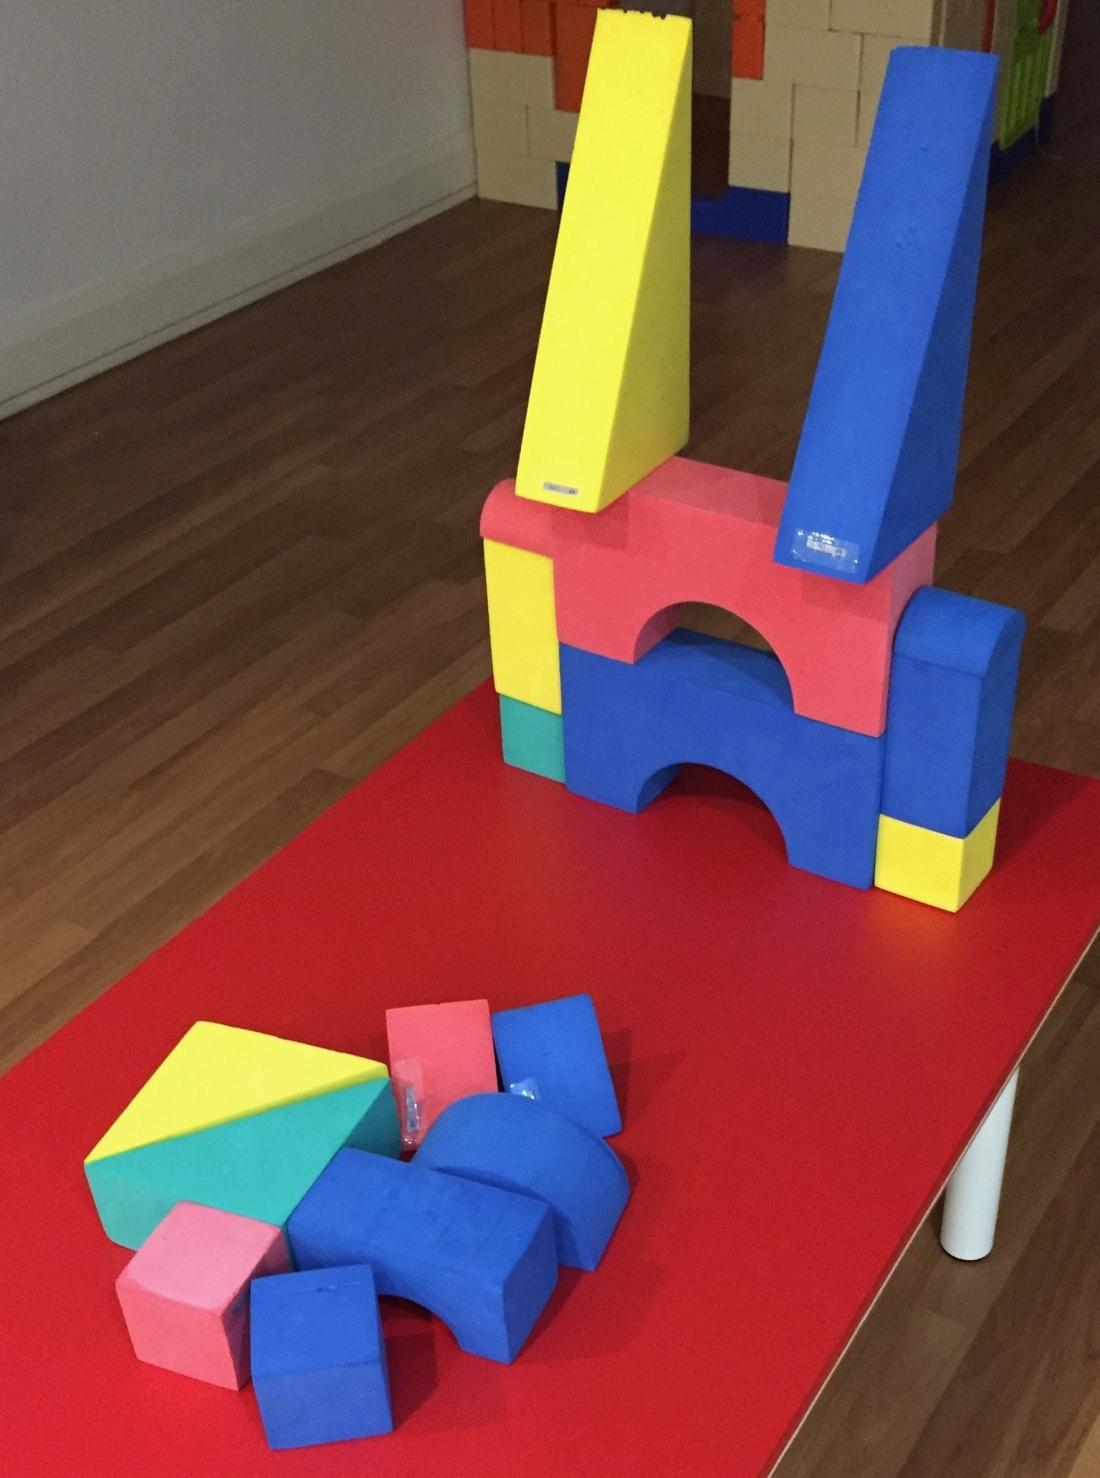 Blocks-min